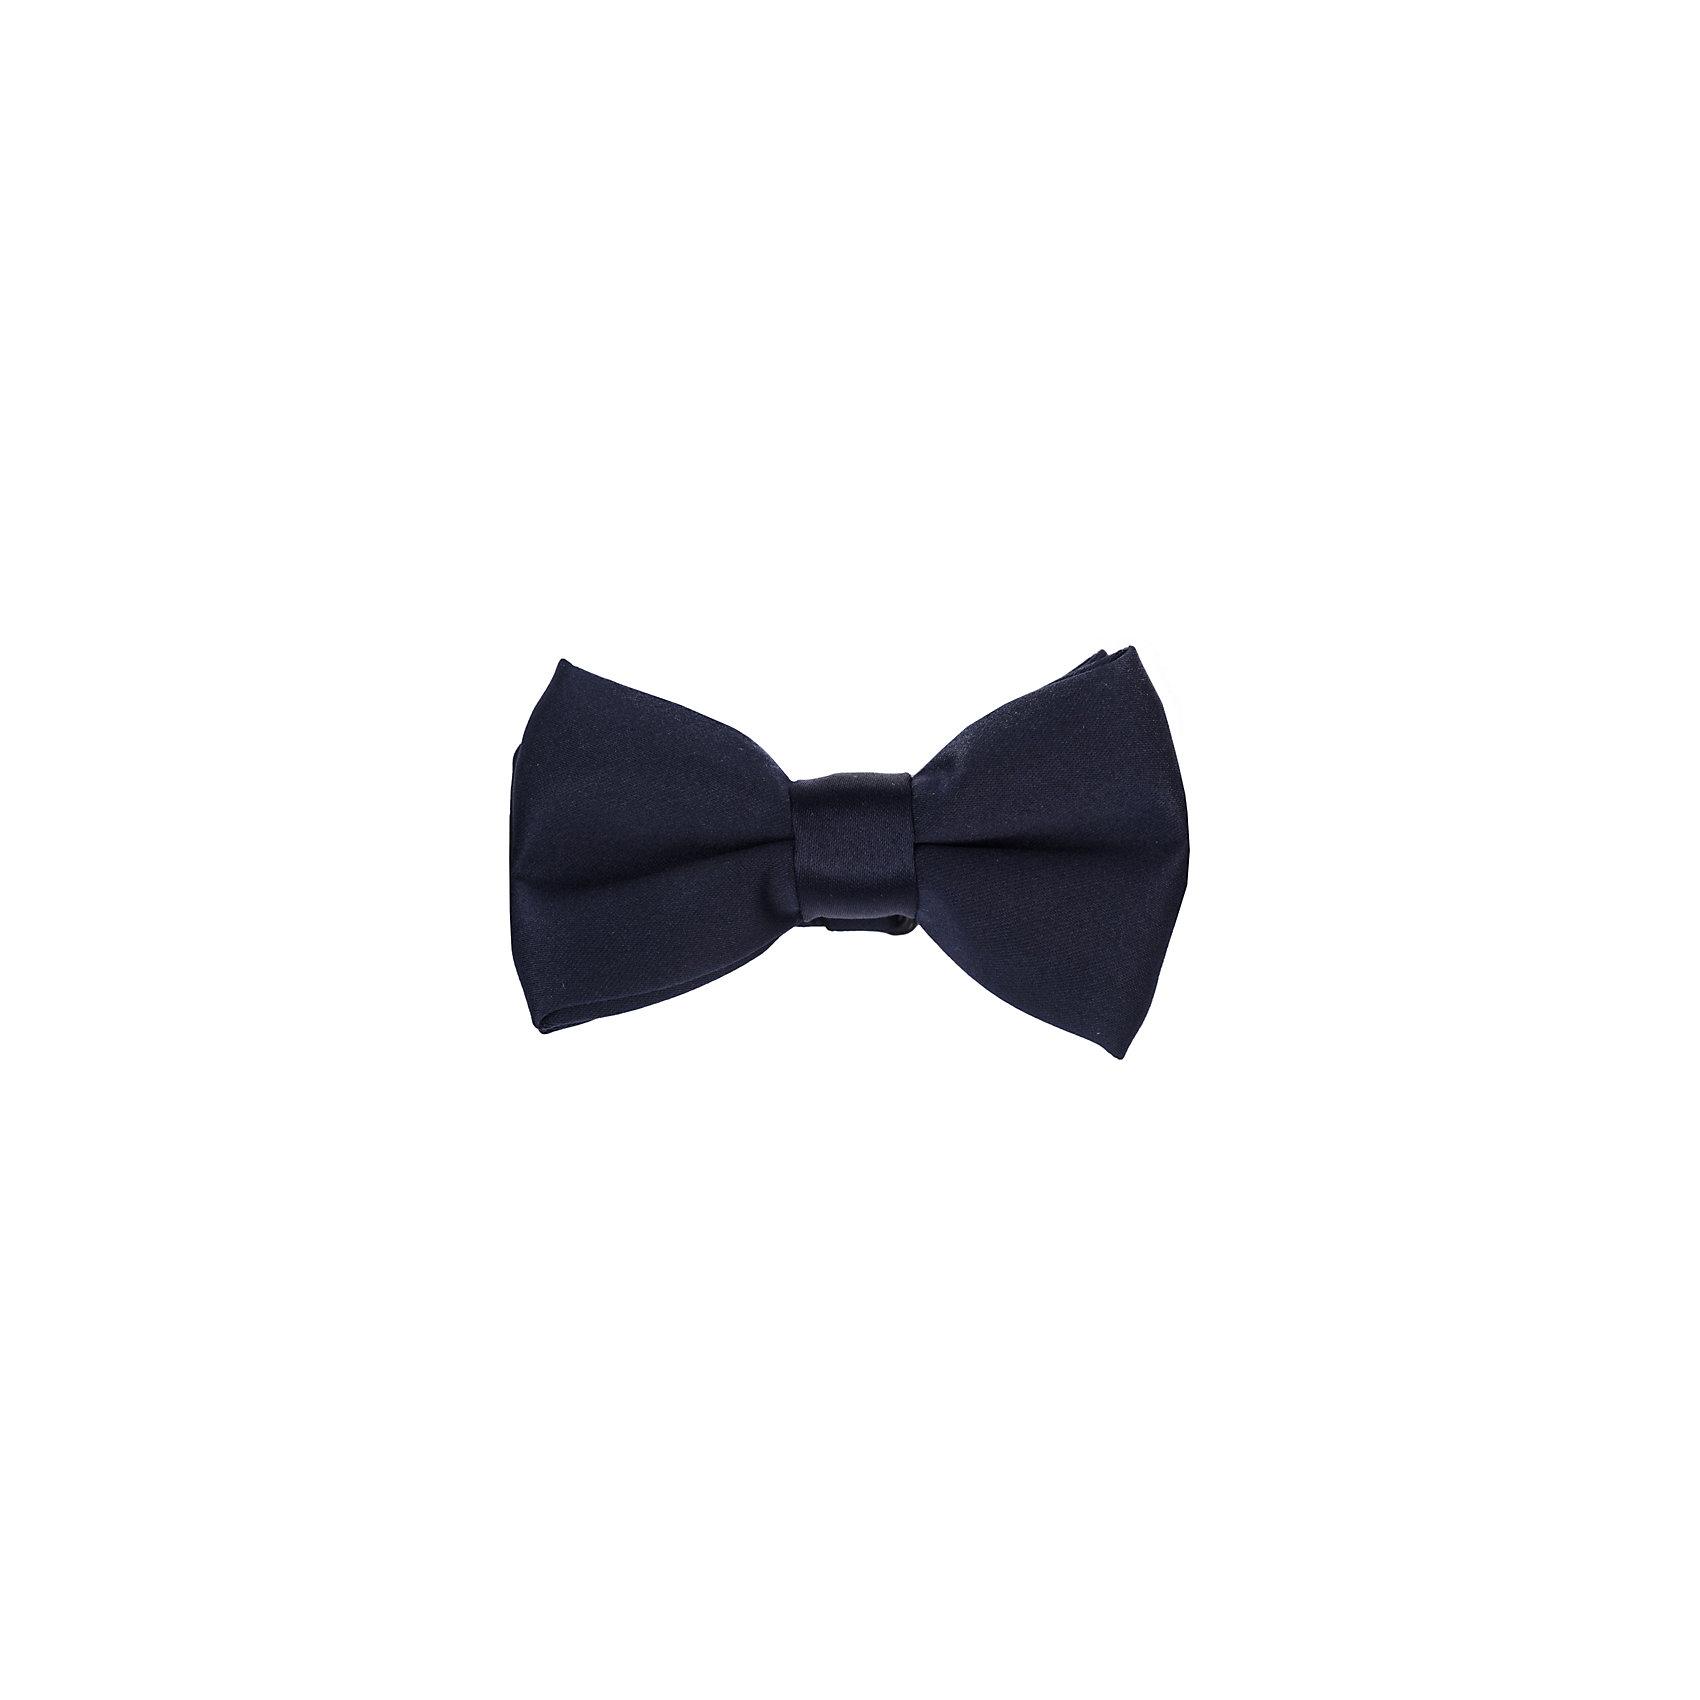 Галстук-бабочка  для мальчика ScoolАксессуары<br>Галстук-бабочка  для мальчика Scool<br>Аккуратный галстук - бабочка прекрасно подойдет для официальных и праздничных мероприятий. Он подчеркнет индивидуальность ребенка. Модель на регулируемом ремешке.<br>Состав:<br>100% полиэстер<br><br>Ширина мм: 170<br>Глубина мм: 157<br>Высота мм: 67<br>Вес г: 117<br>Цвет: полуночно-синий<br>Возраст от месяцев: 60<br>Возраст до месяцев: 132<br>Пол: Мужской<br>Возраст: Детский<br>Размер: one size<br>SKU: 6754545